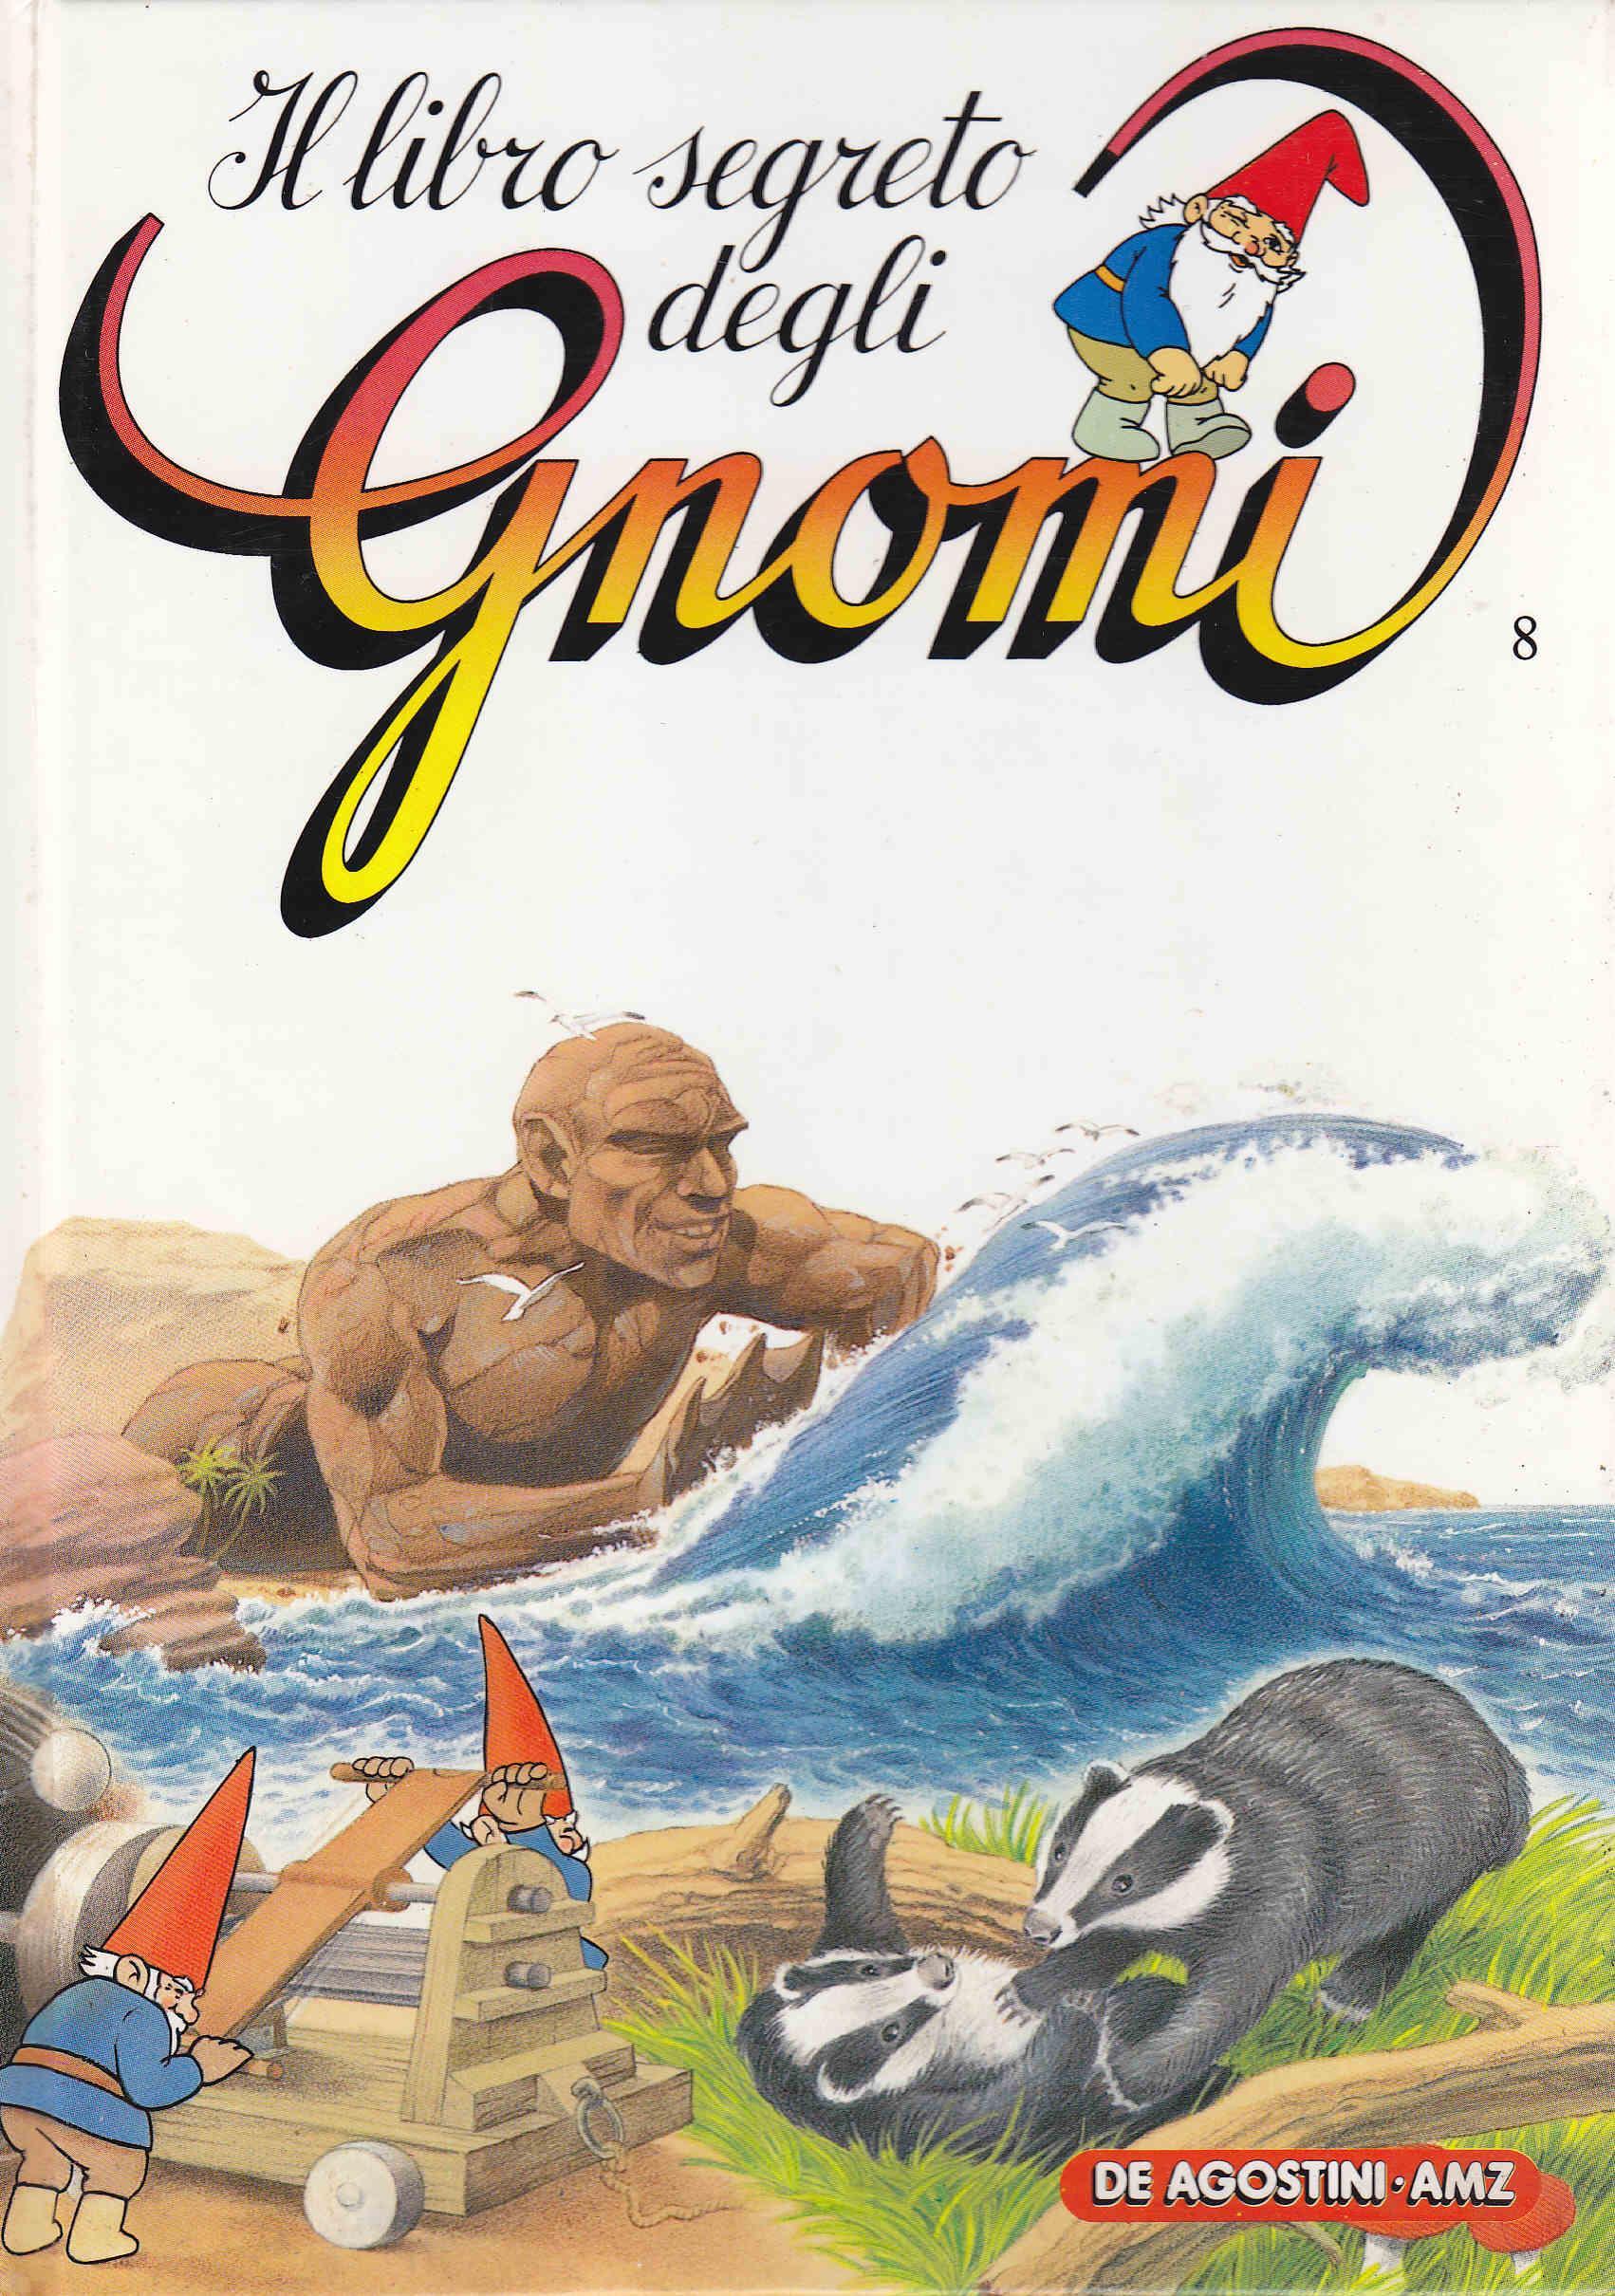 Il libro segreto degli gnomi wax flower